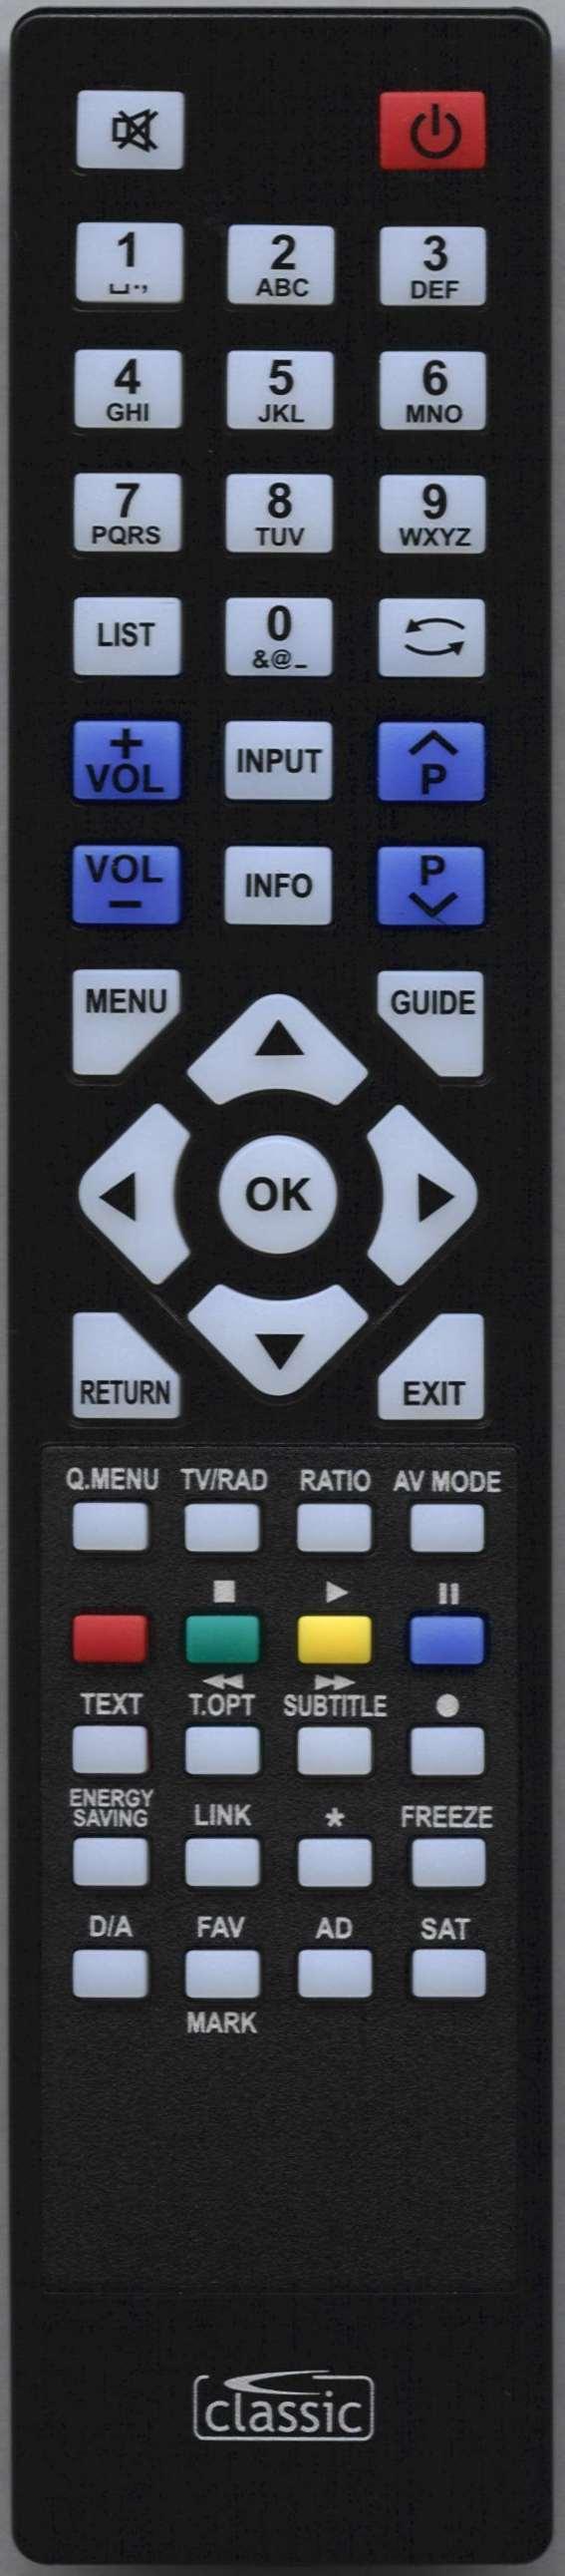 LG 32LH20 Remote Control